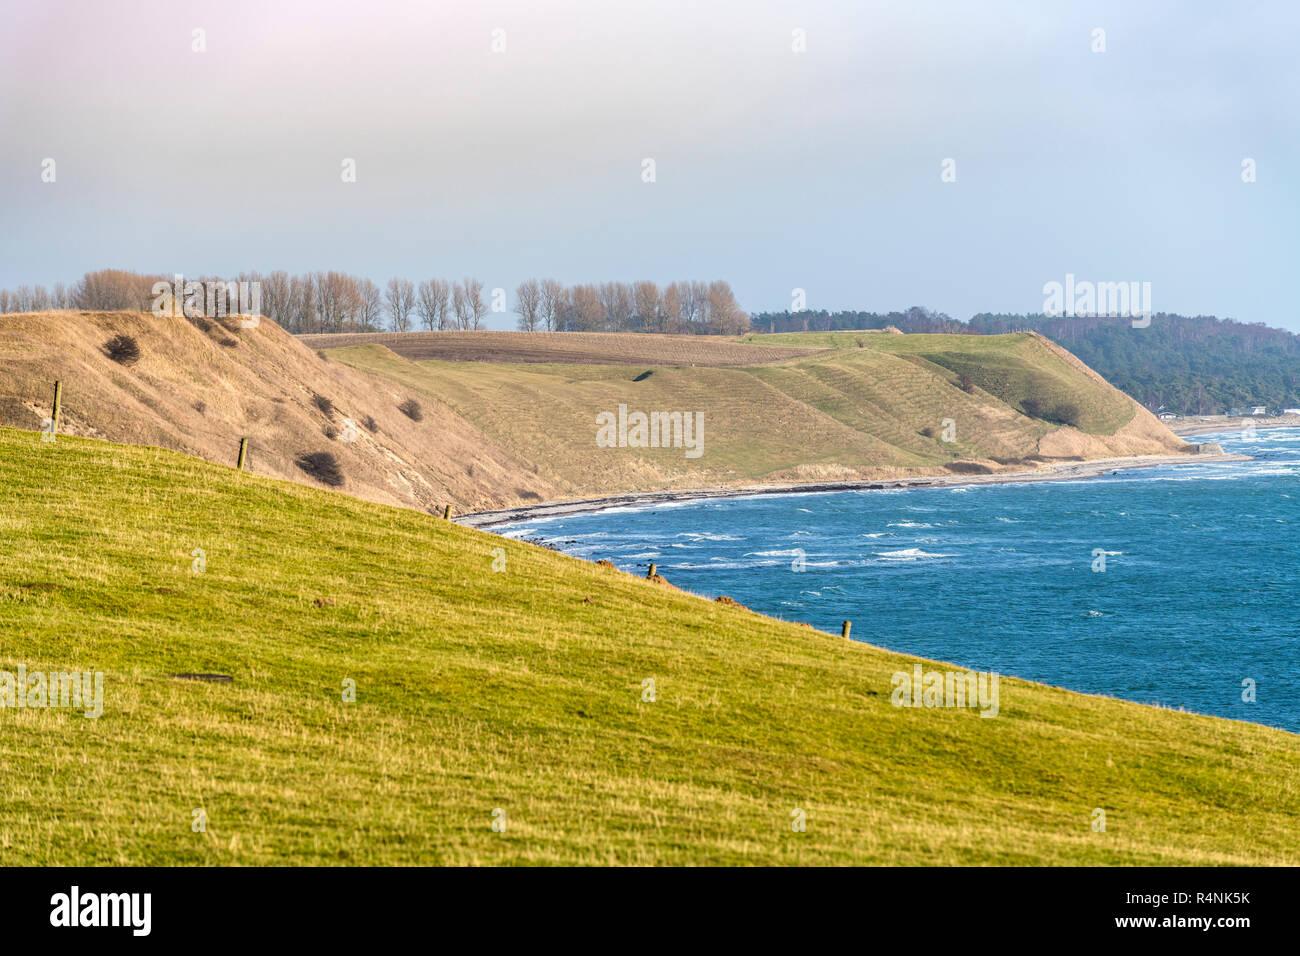 Scandinavian landscape in Skane County on Baltic sea, Sweden - Stock Image